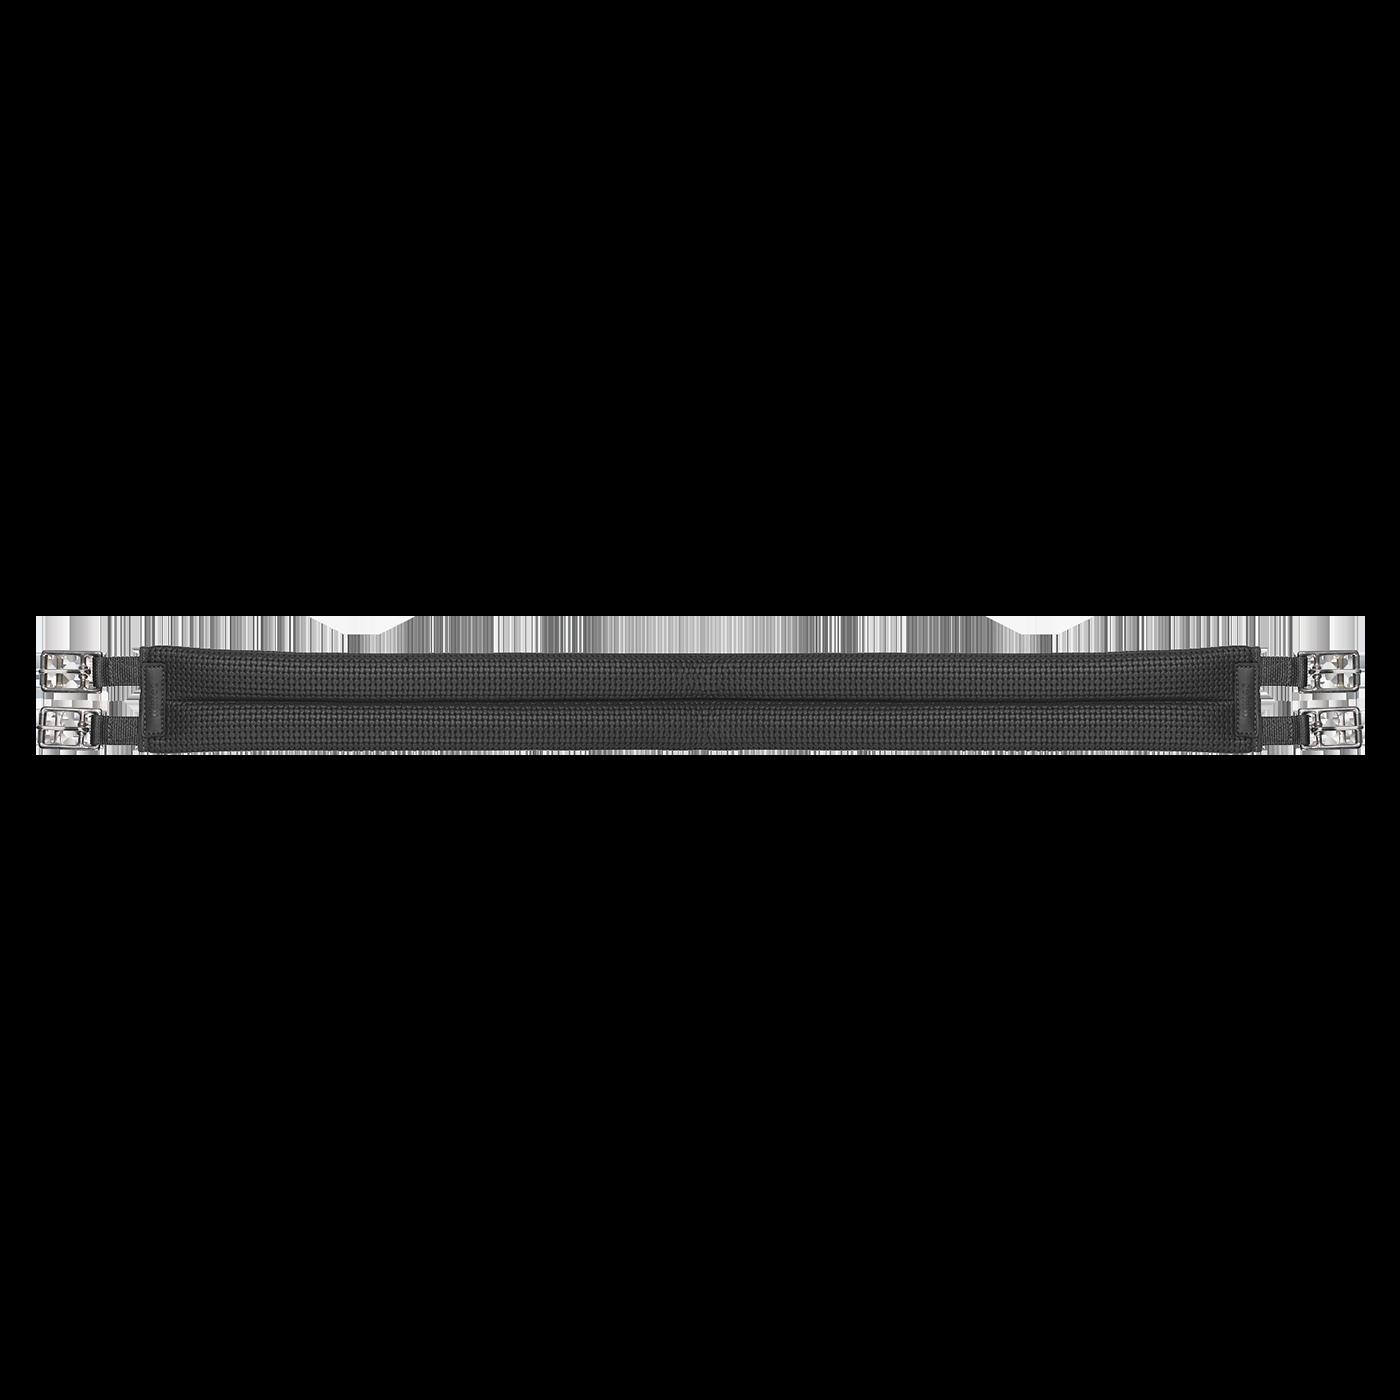 Wintec Elastic Girth Long Black 115cm at Bowral Coop